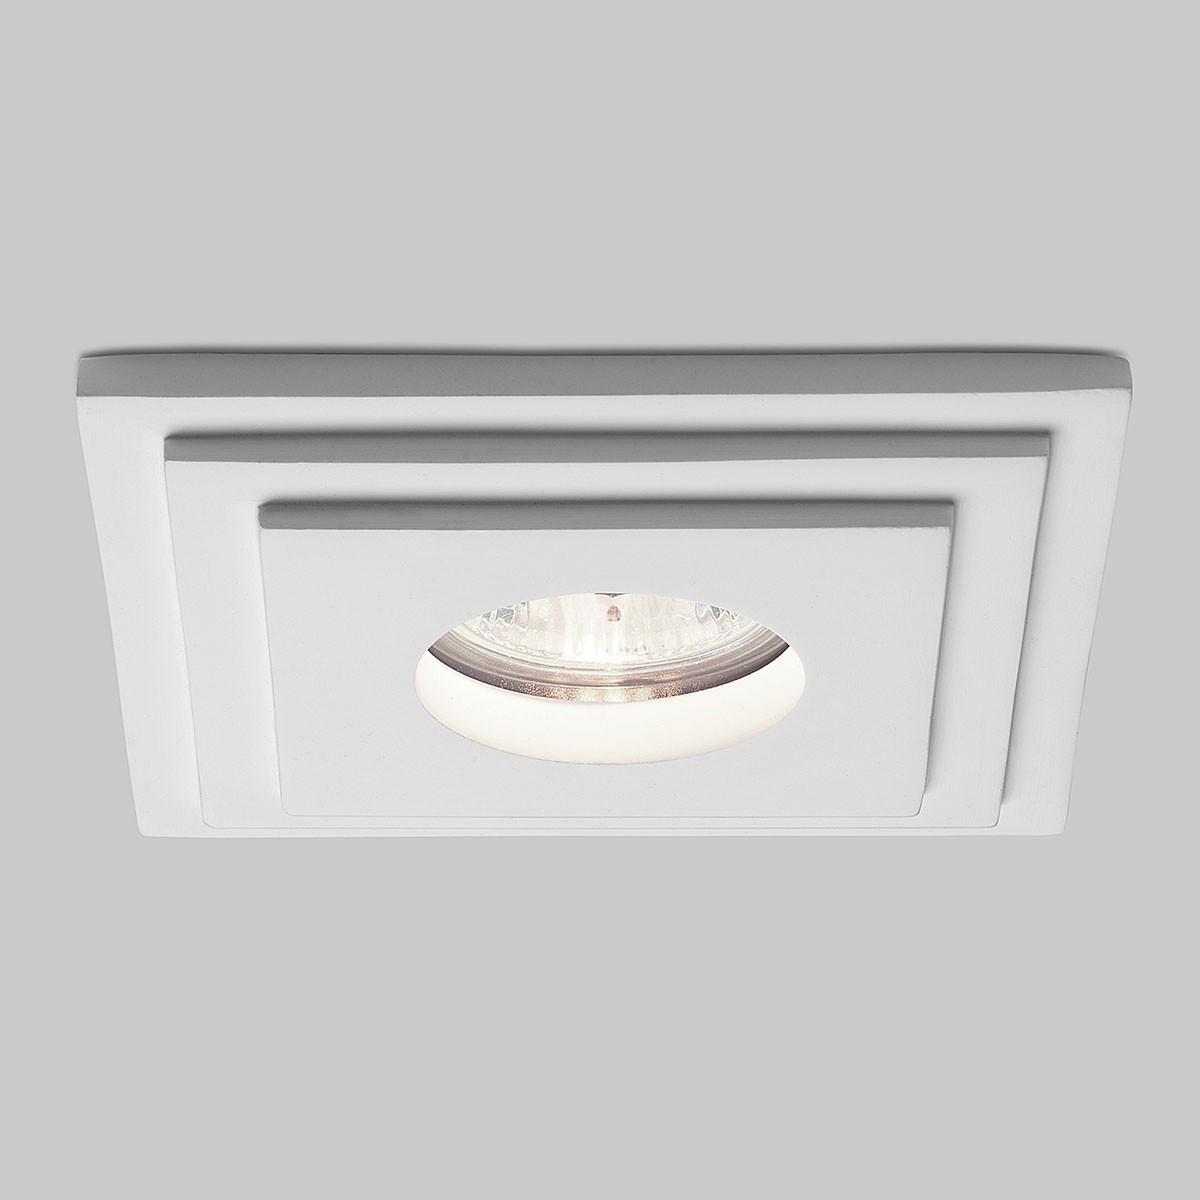 Astro Brembo Square Mr16 Plaster Bathroom Downlight At Uk